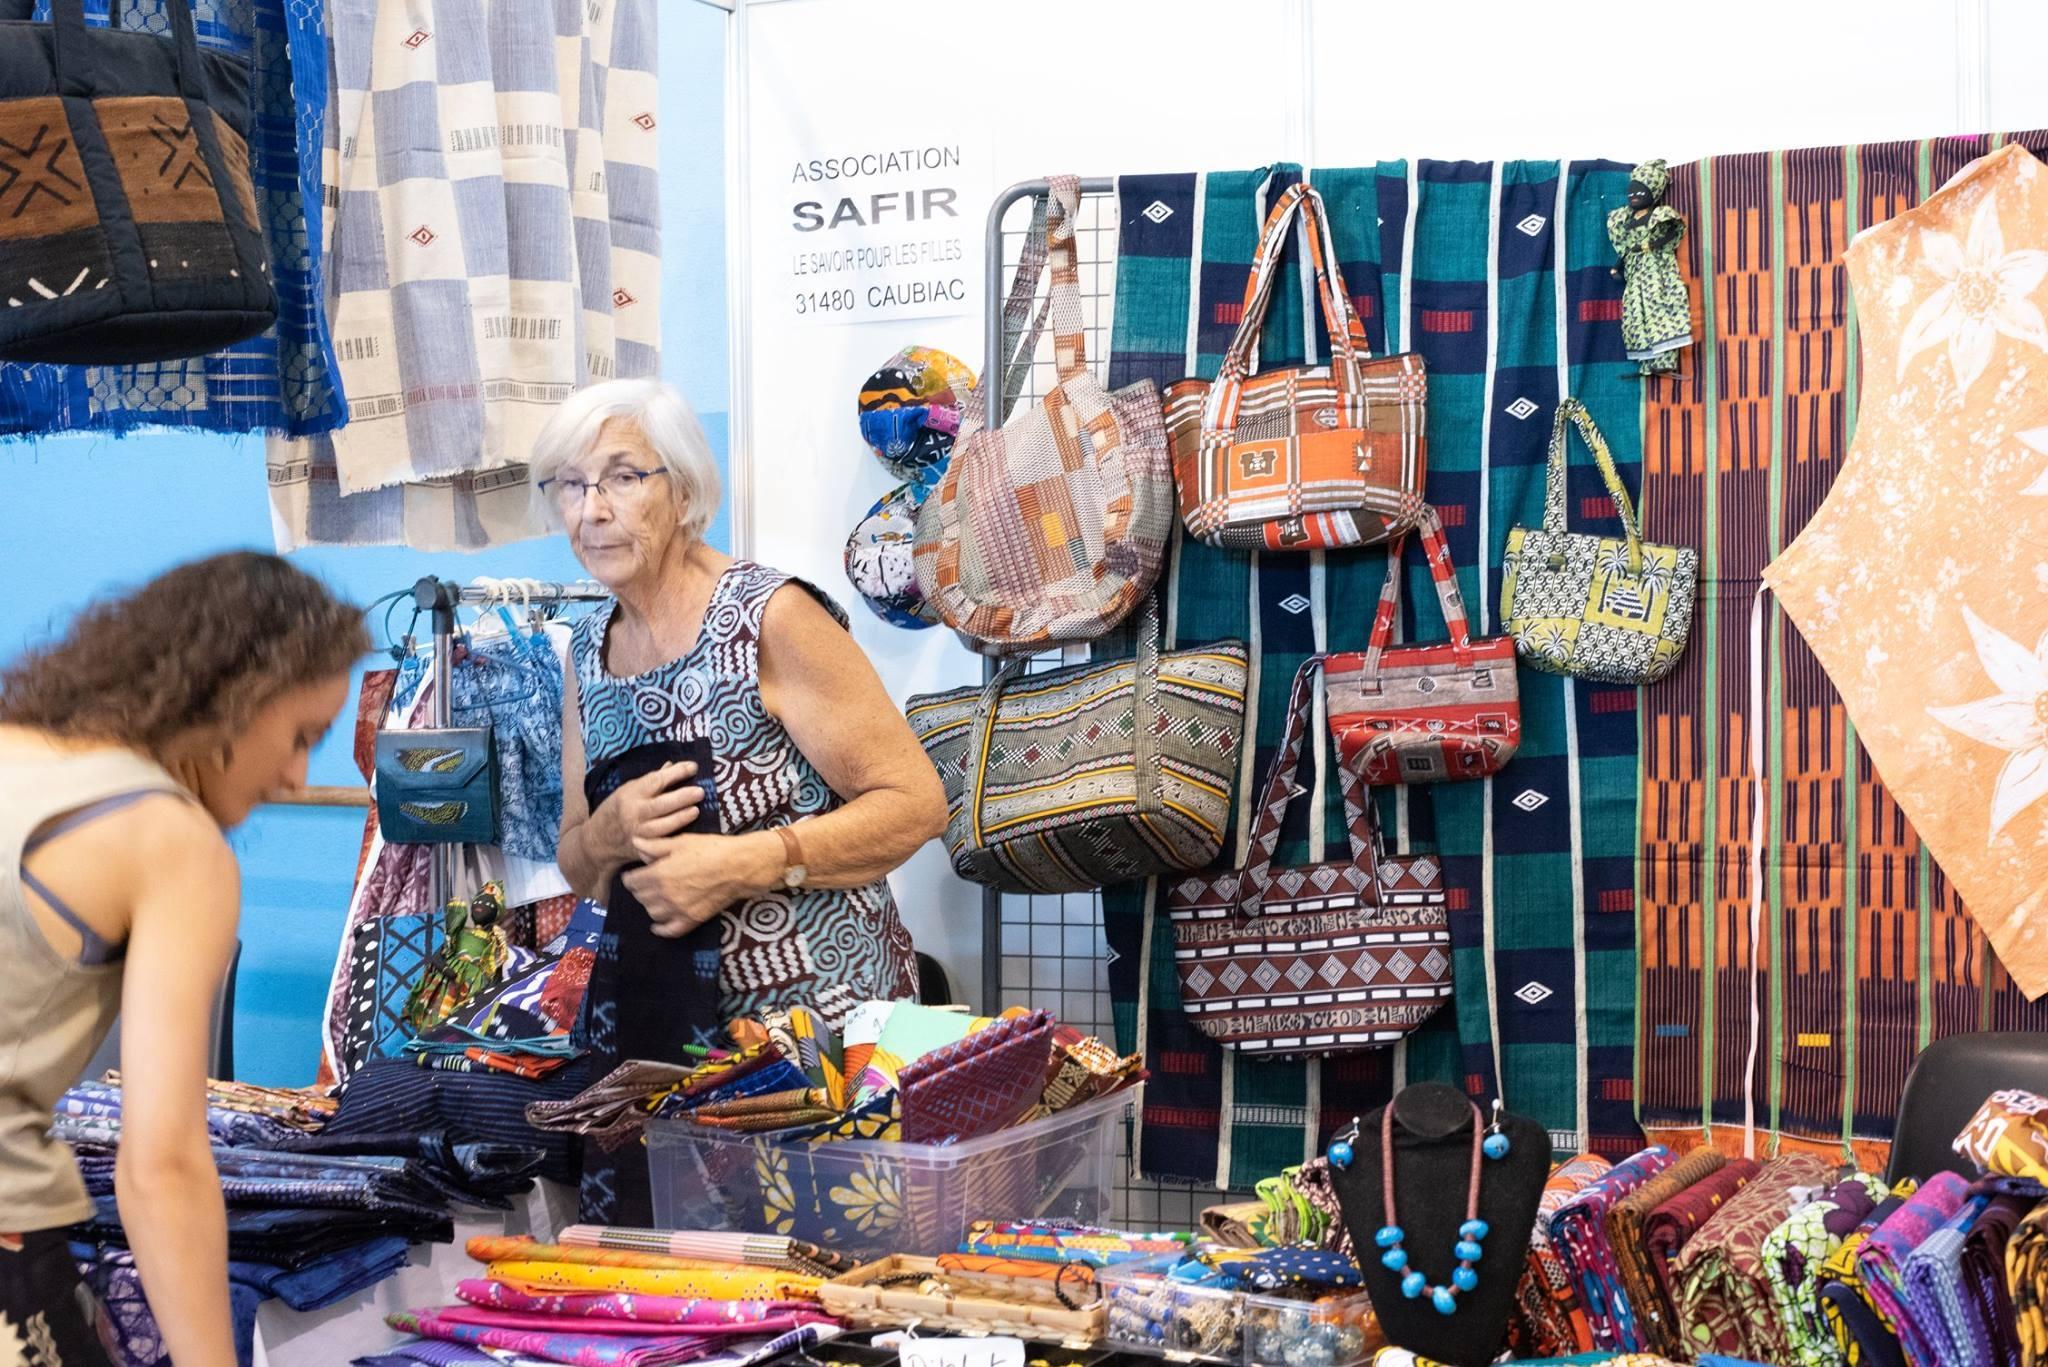 Salon des loisirs créatifs, Fête du Fil 2018 Labastide Rouairoux